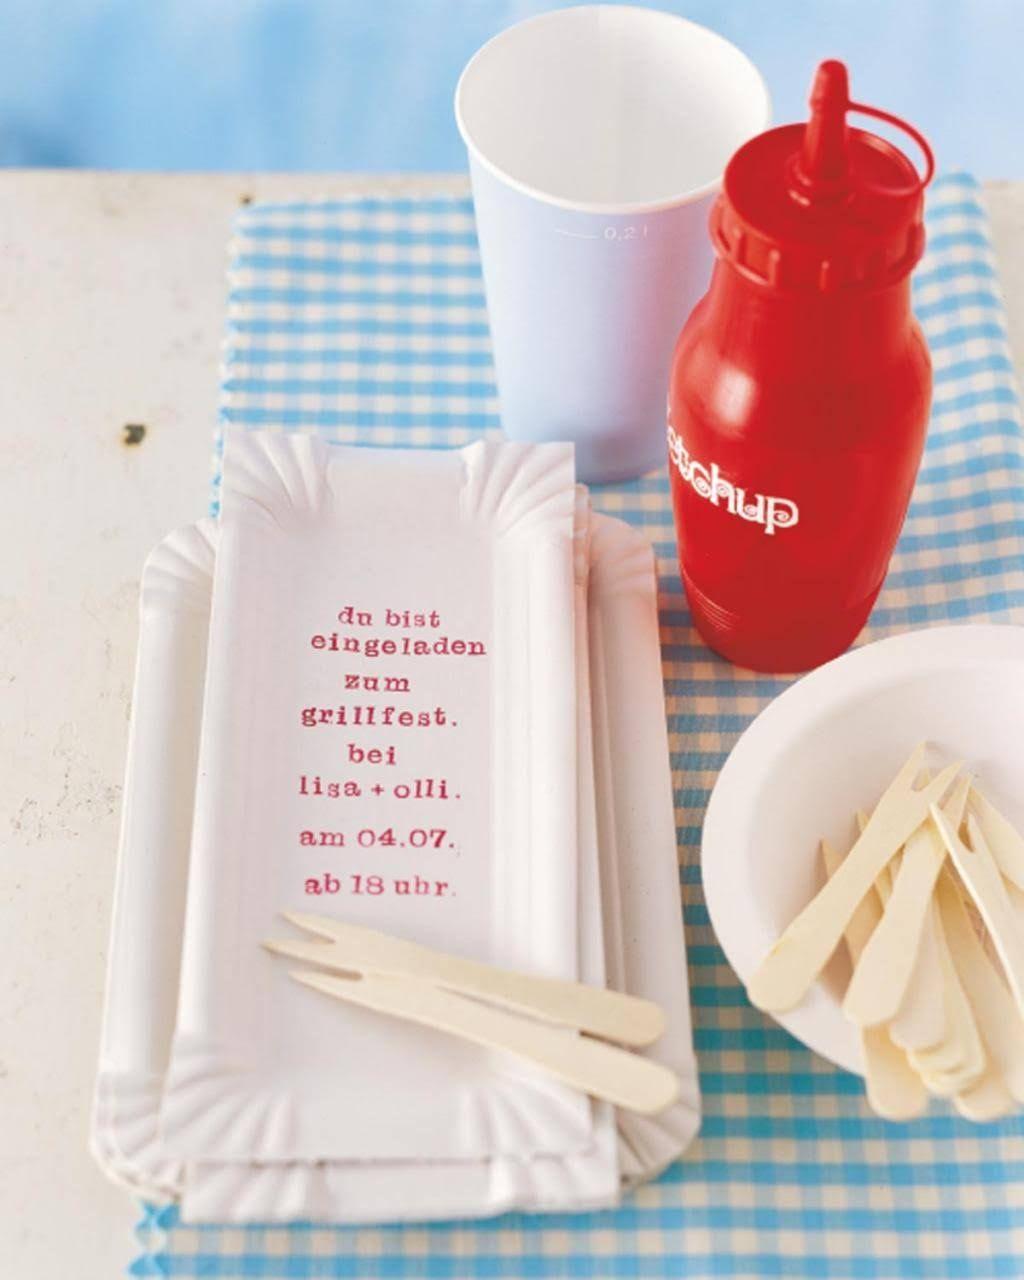 Einladungen | Pinterest | Grillwurst, Pappteller und Ablage